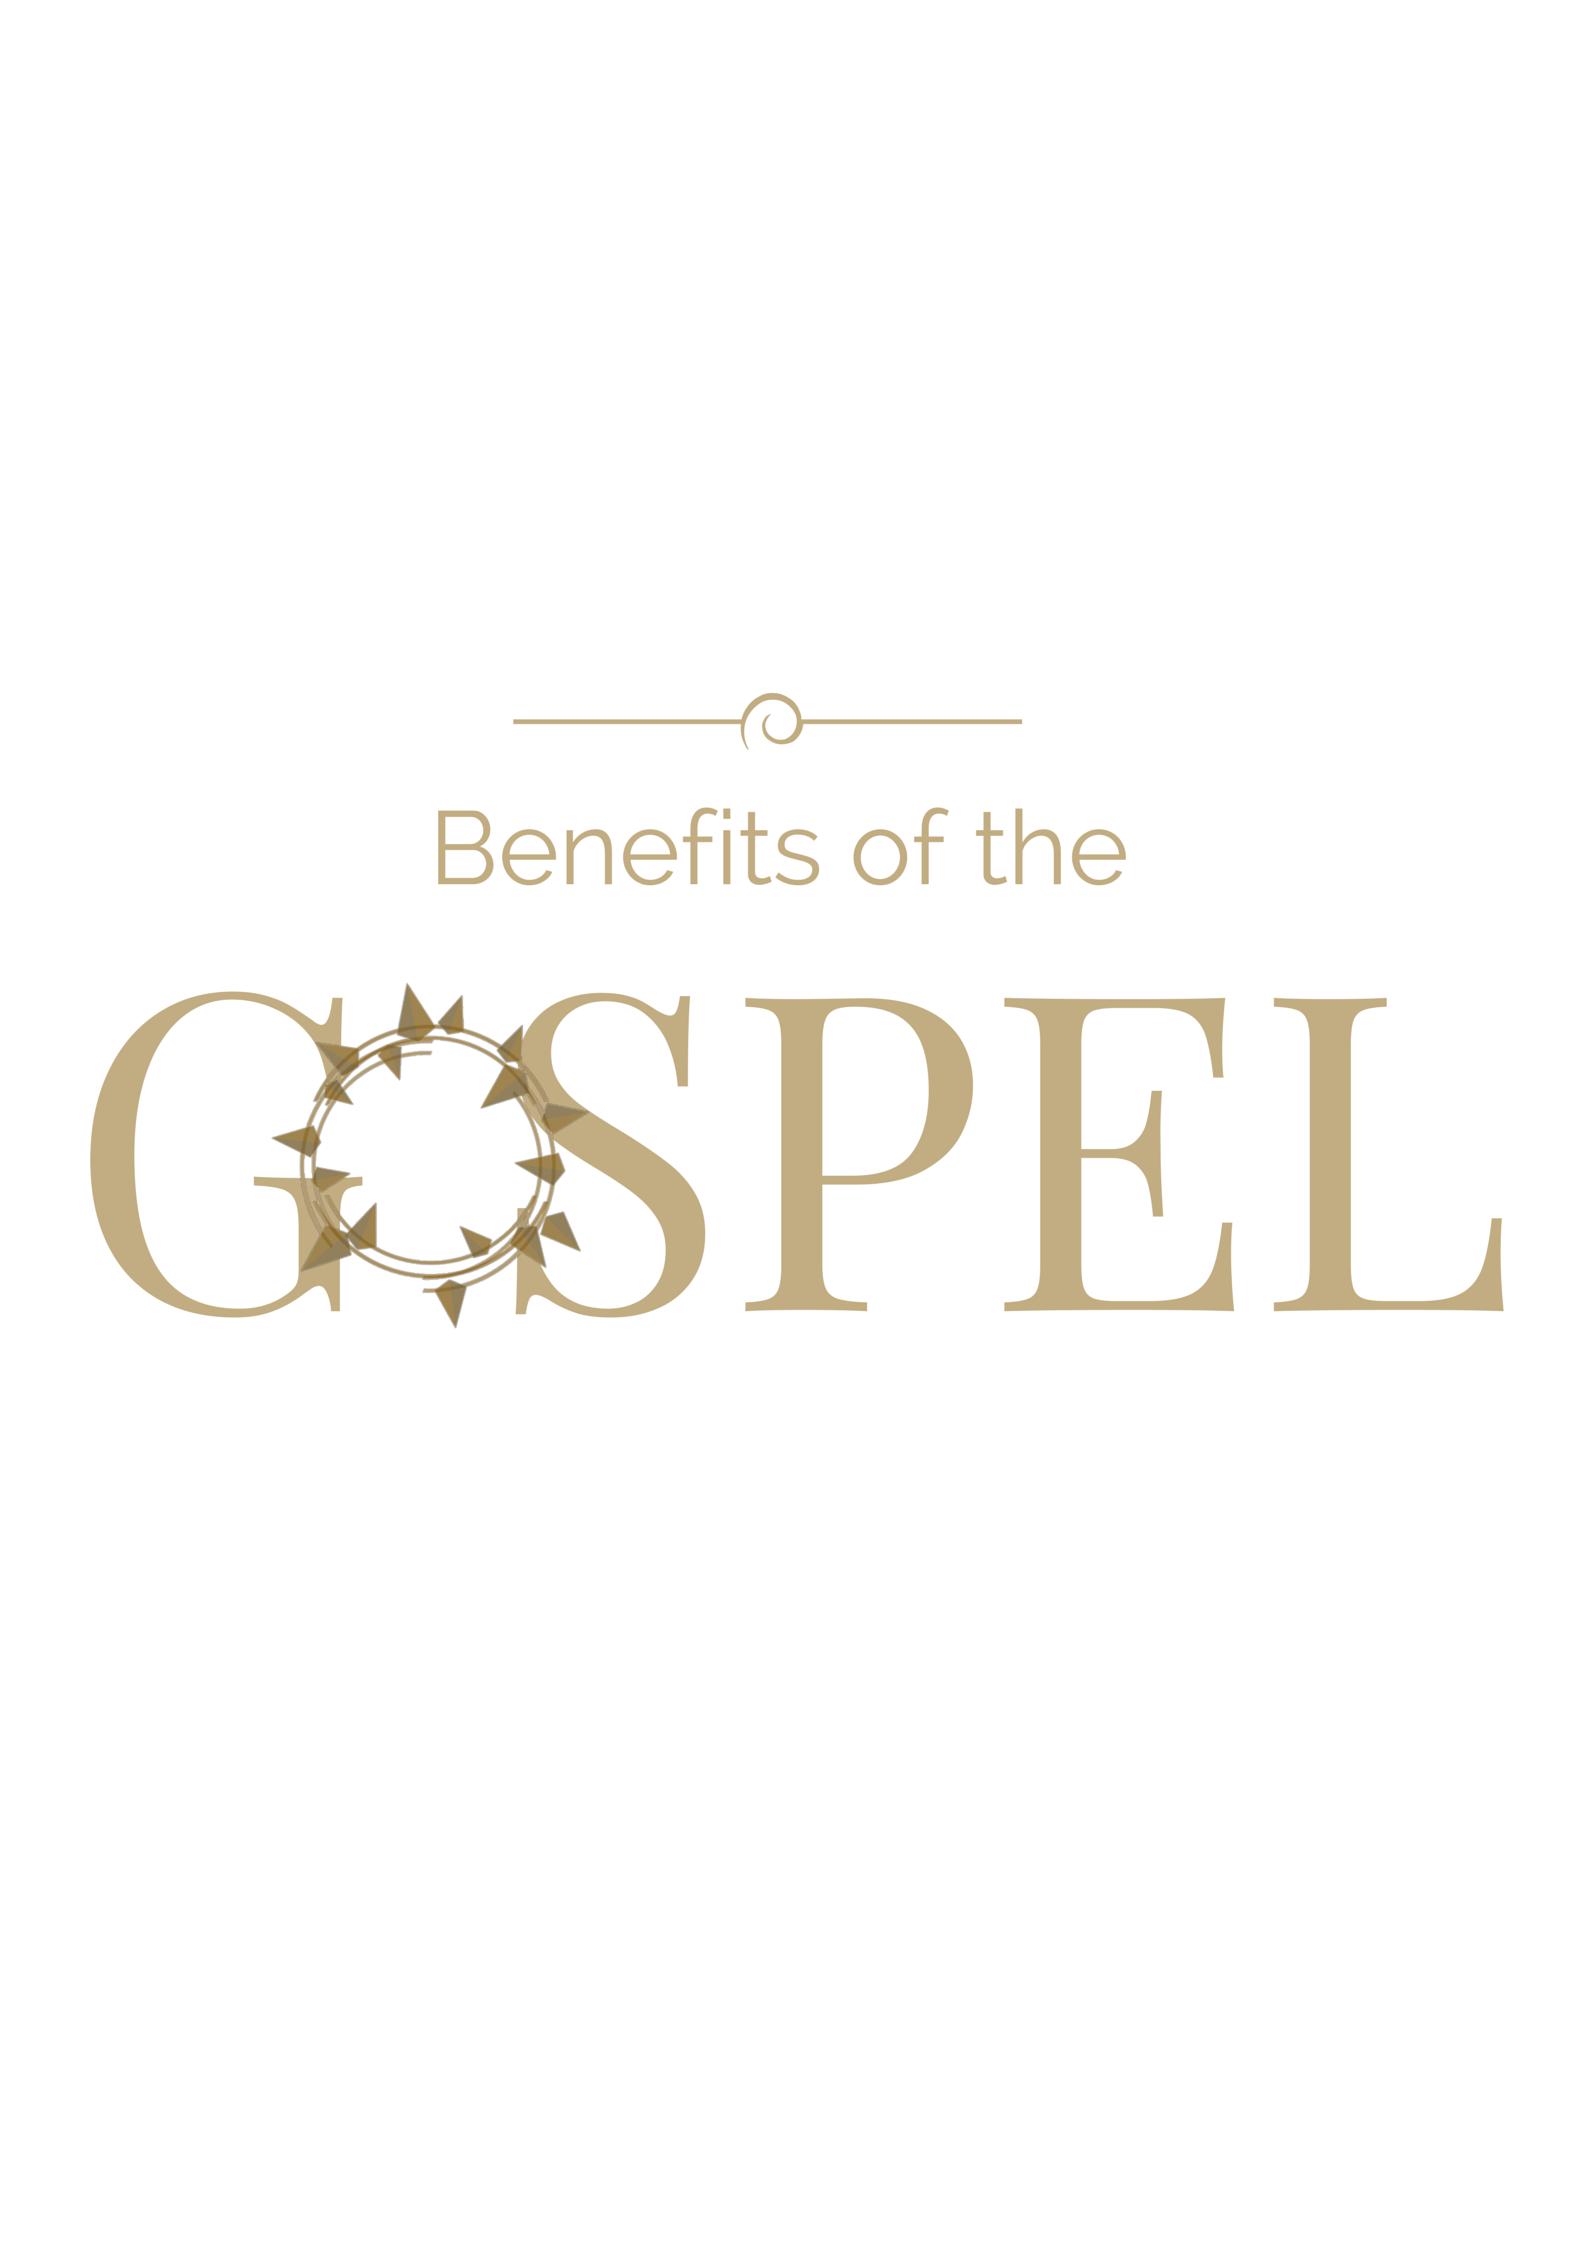 Benefits of the Gospel